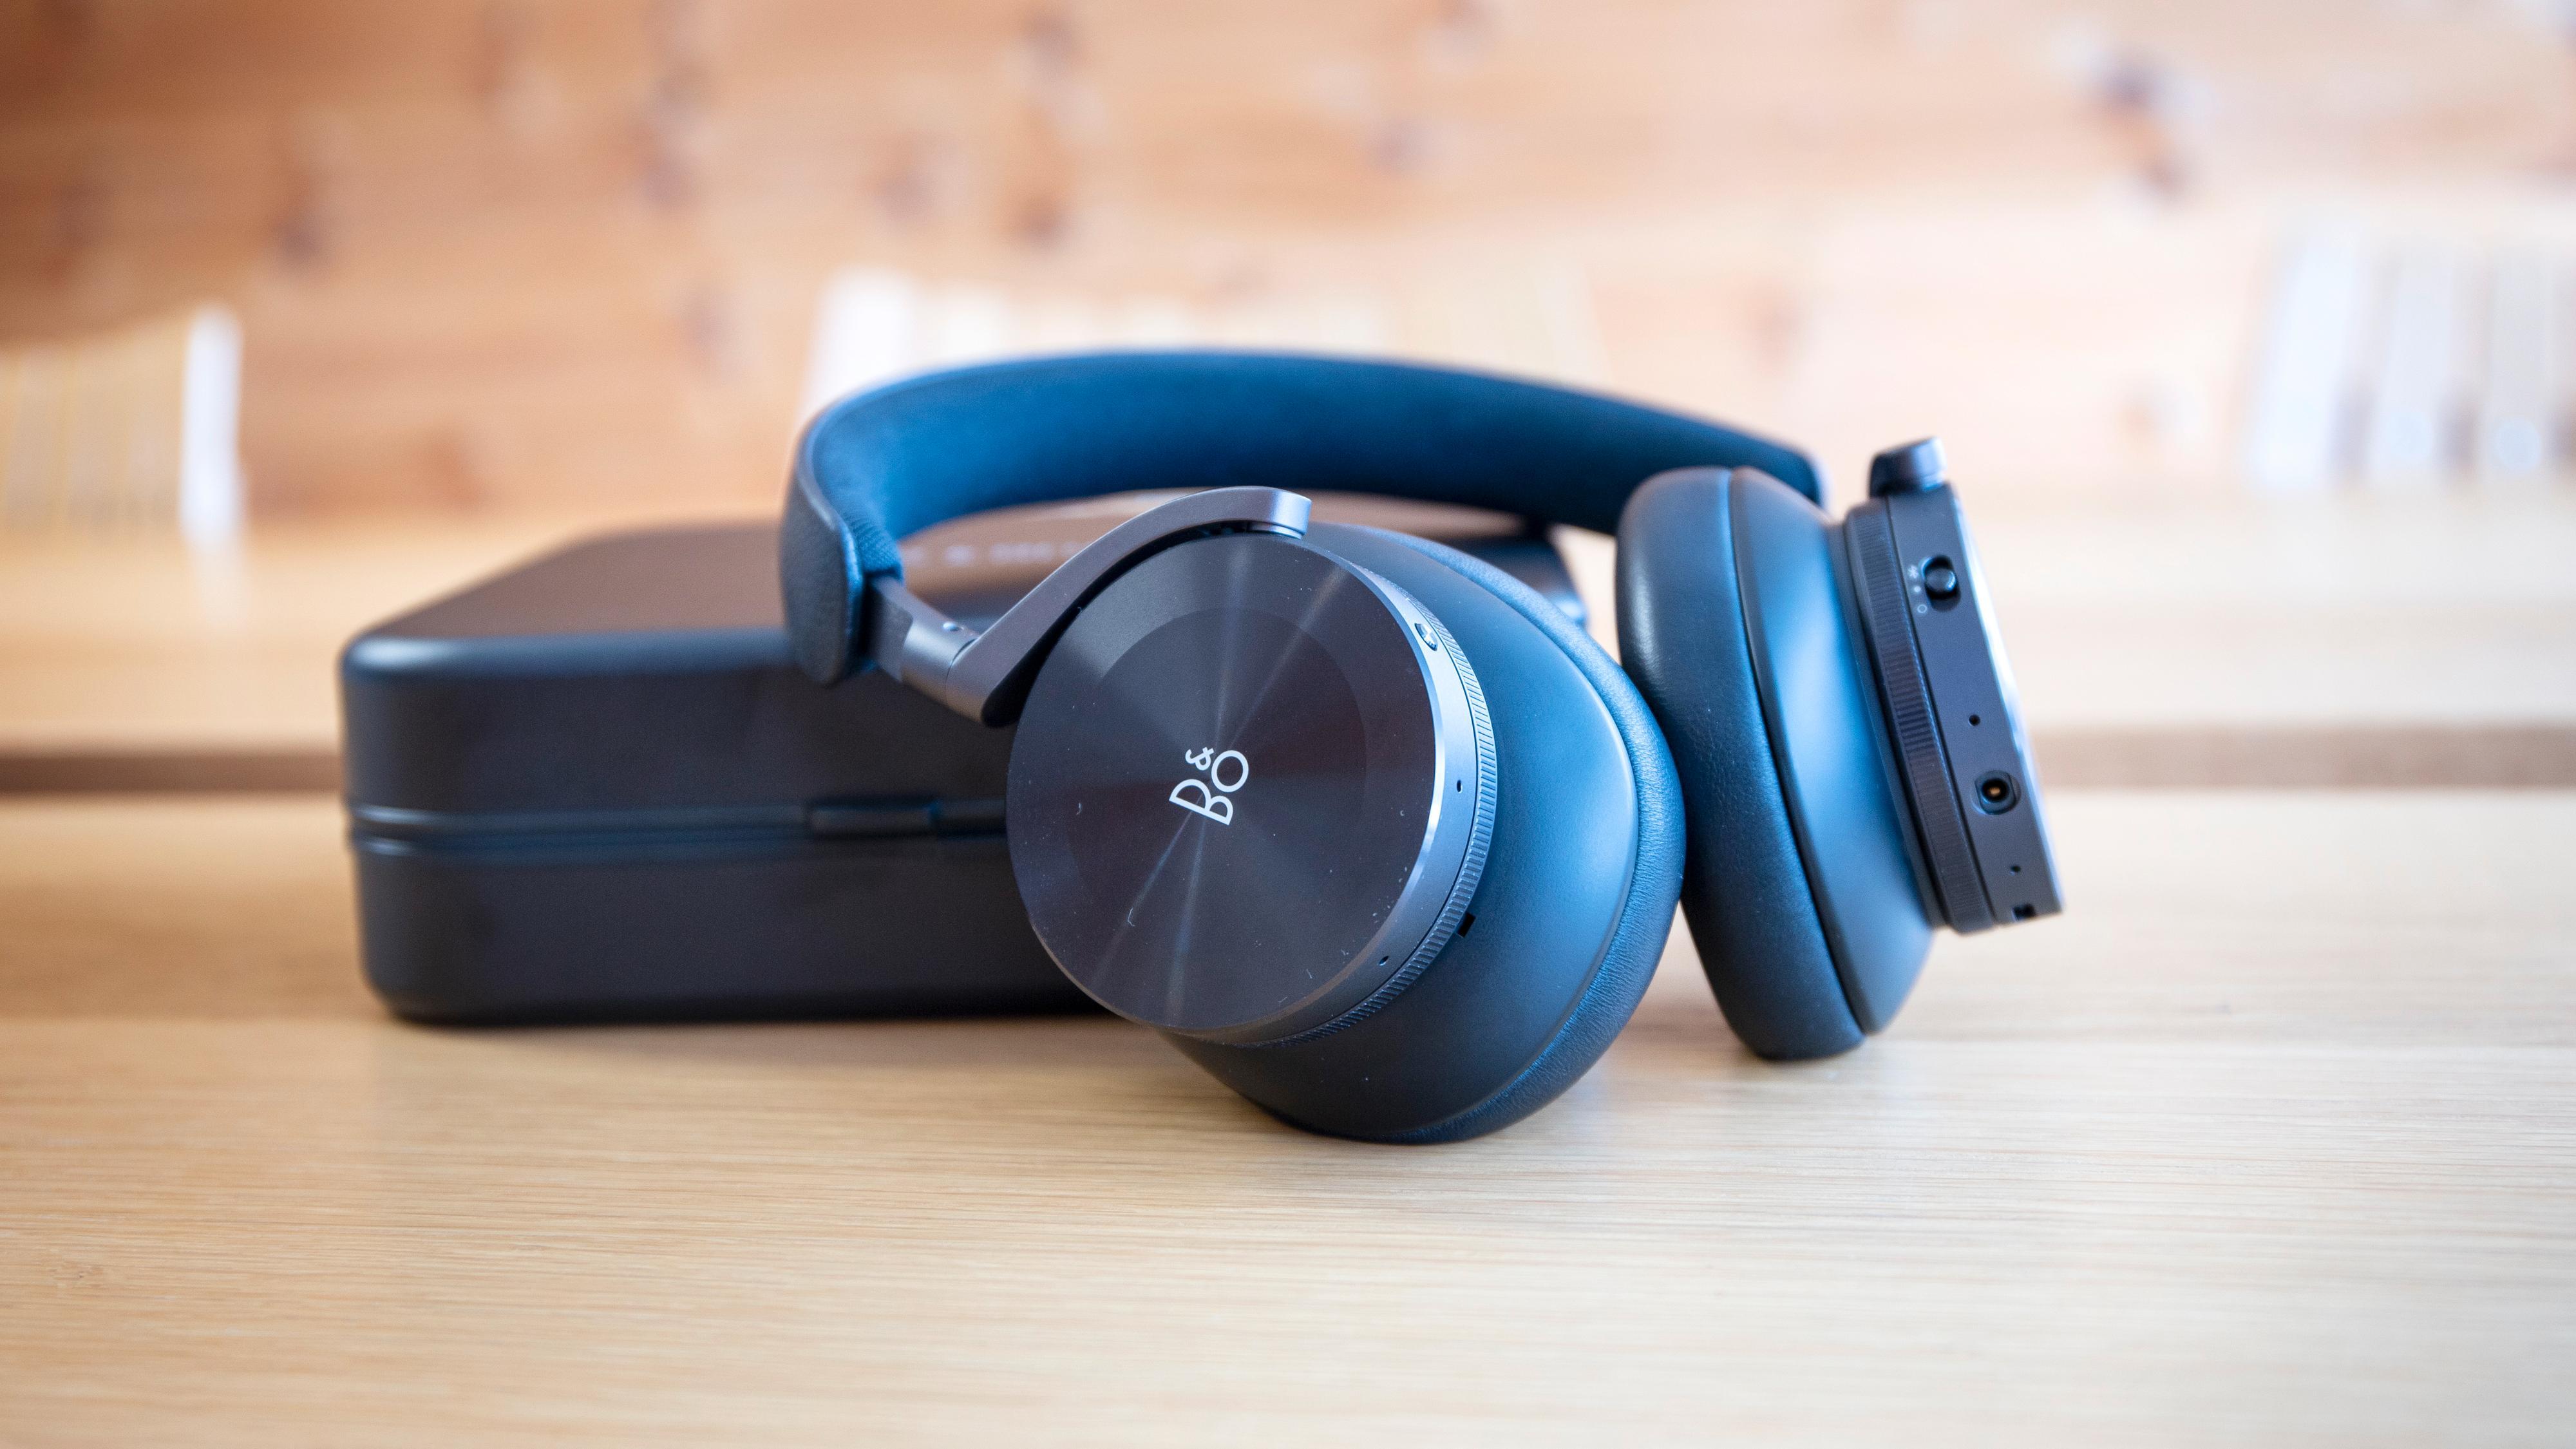 B&Os nye topp-hodetelefoner heter H95 og forbedrer nesten alt fra den tidligere toppmodellen H9. Men prisen er også økt betraktelig.